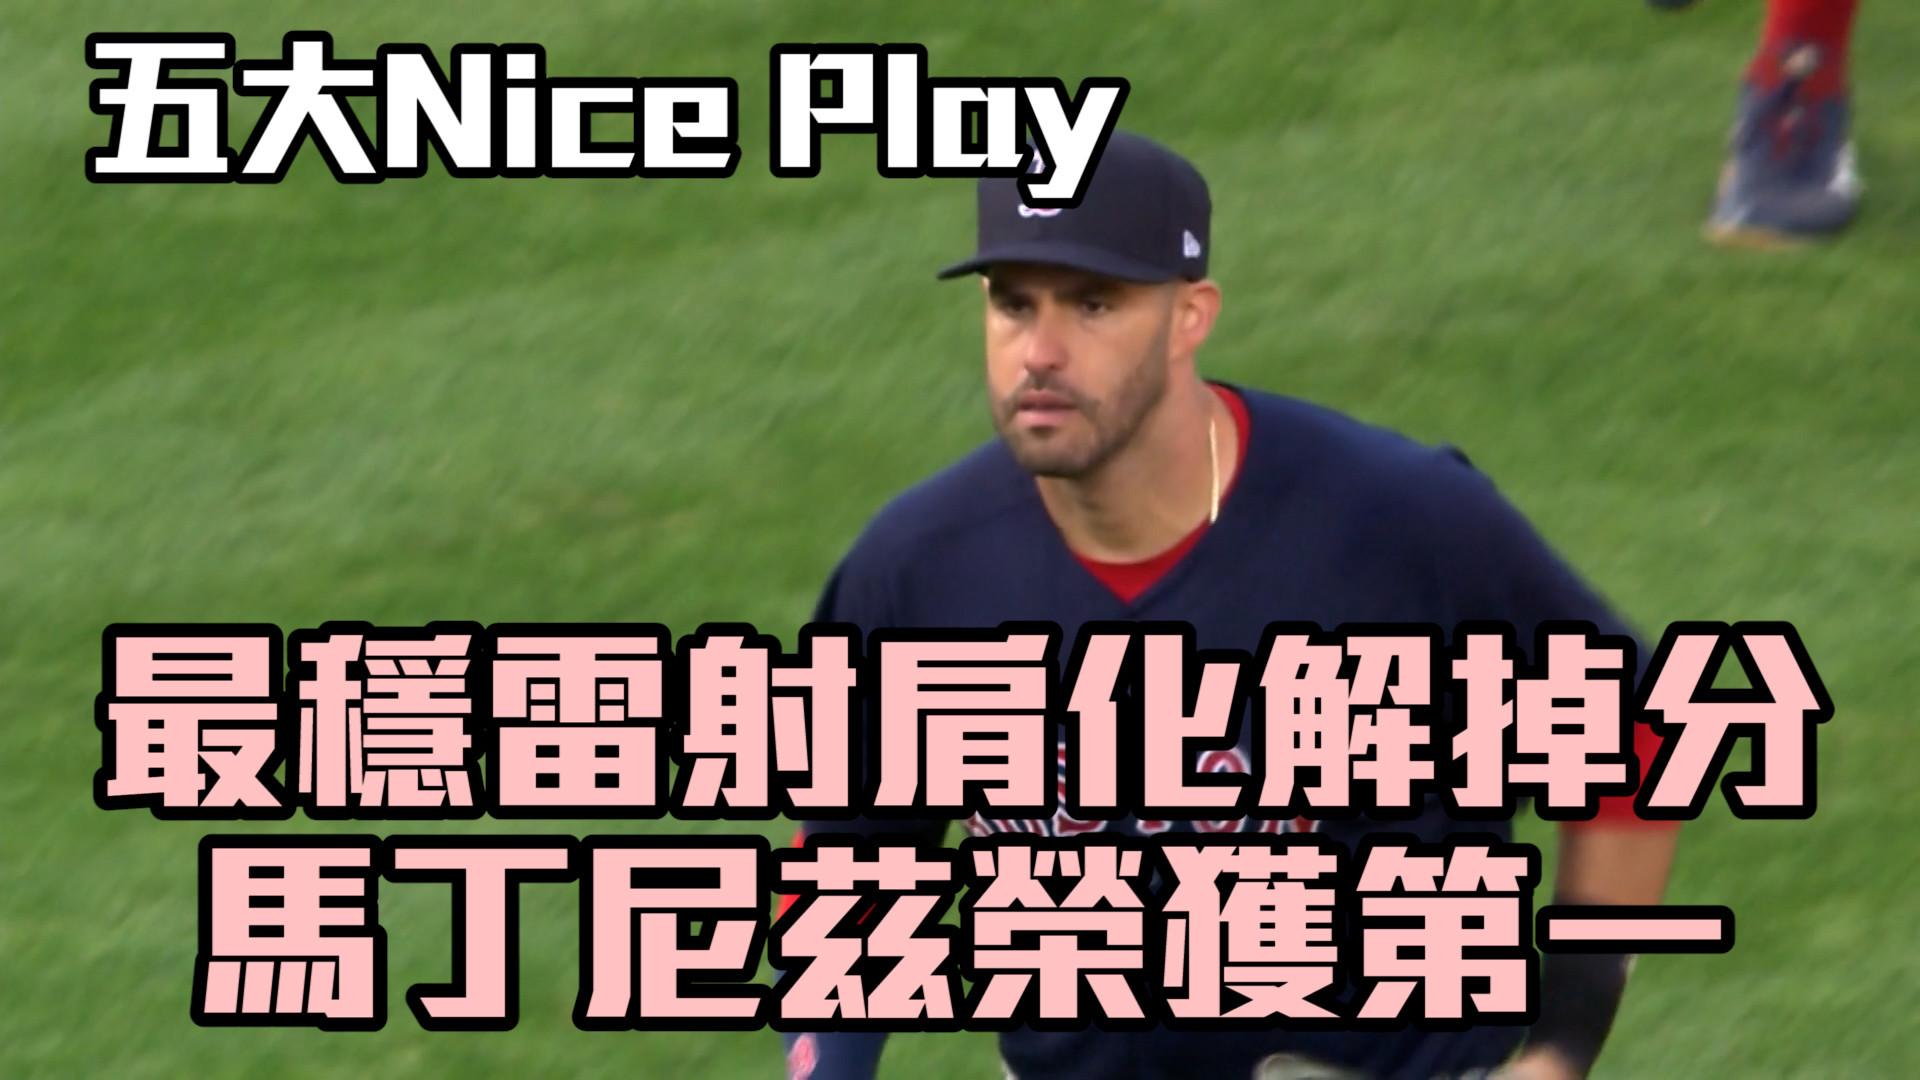 【MLB看愛爾達】嚴密守備滴水不漏 MLB五大美技大放送 07/04